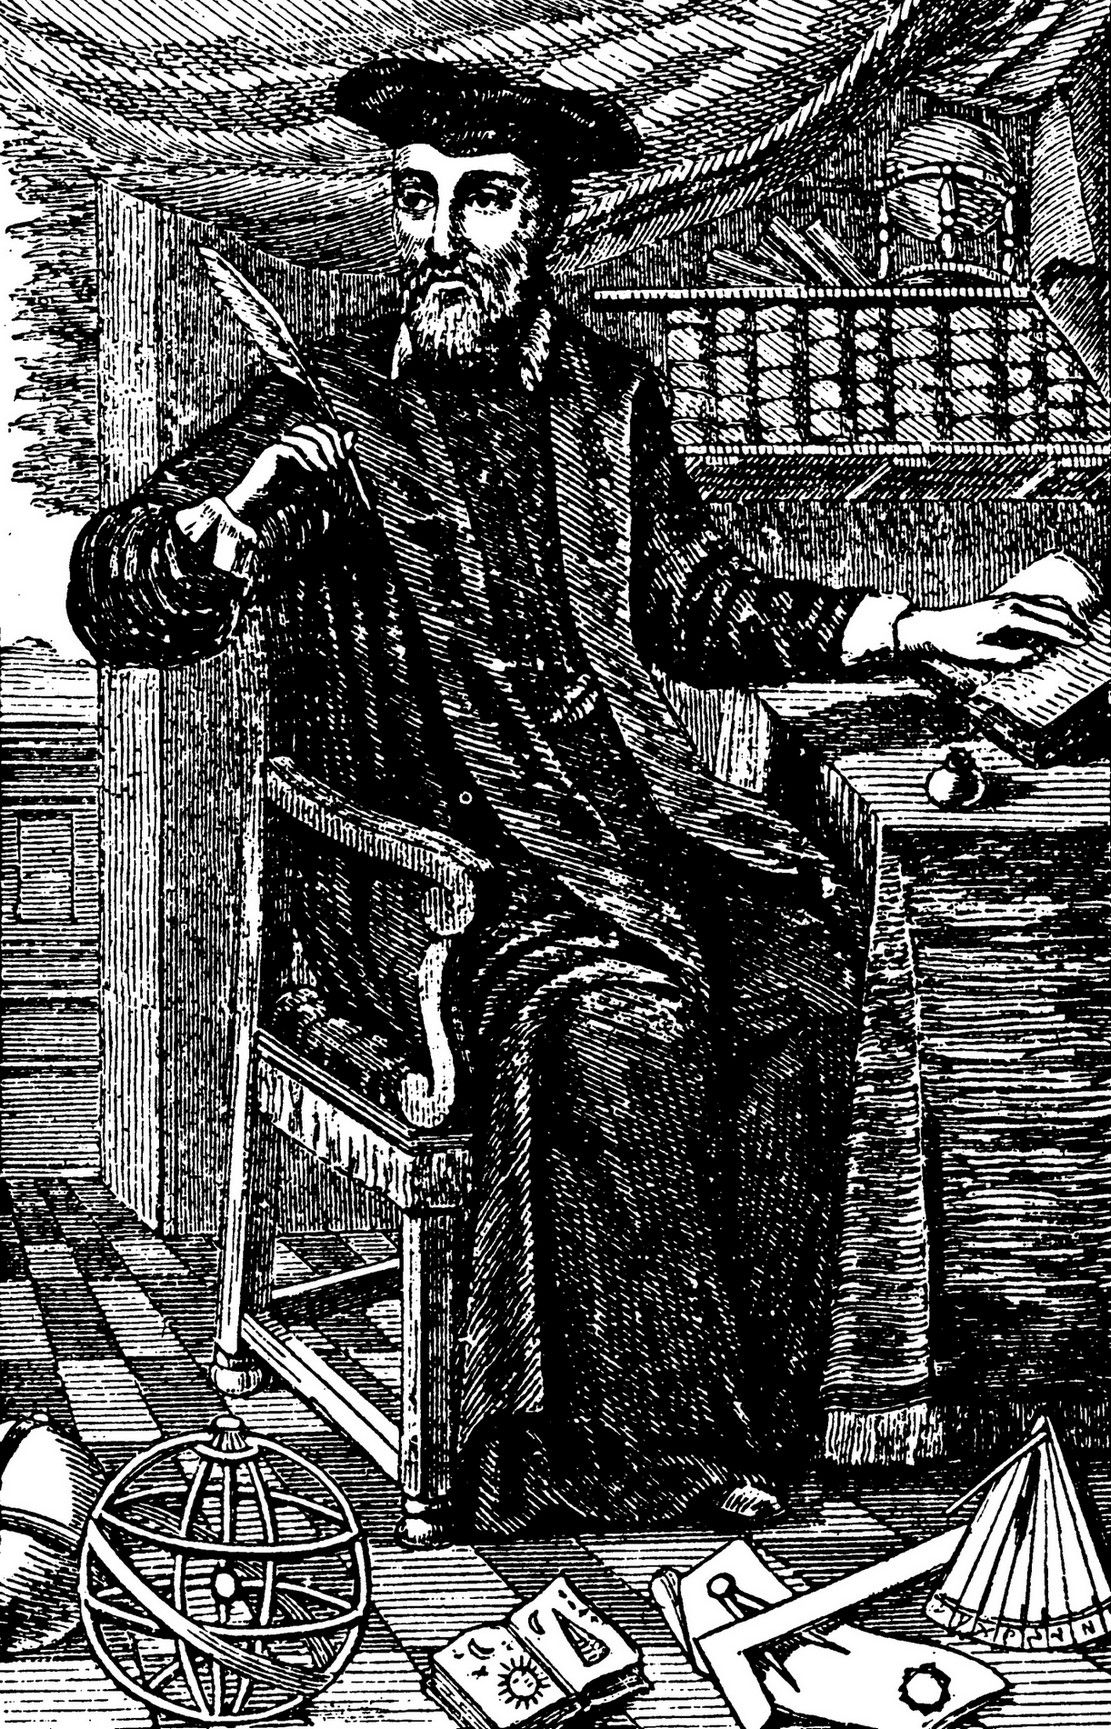 """Przywoływanie w zaklęciach Nostradamusa jako sposób na uzdrowienie trędowatego? Cóż, to nie najbardziej kuriozalna metoda """"leczenia"""", a przynajmniej niezbyt szkodliwa... Portret Nostradamusa z kolekcji jego przepowiedni wydanej w 1666 roku (źródło: domena publiczna)."""